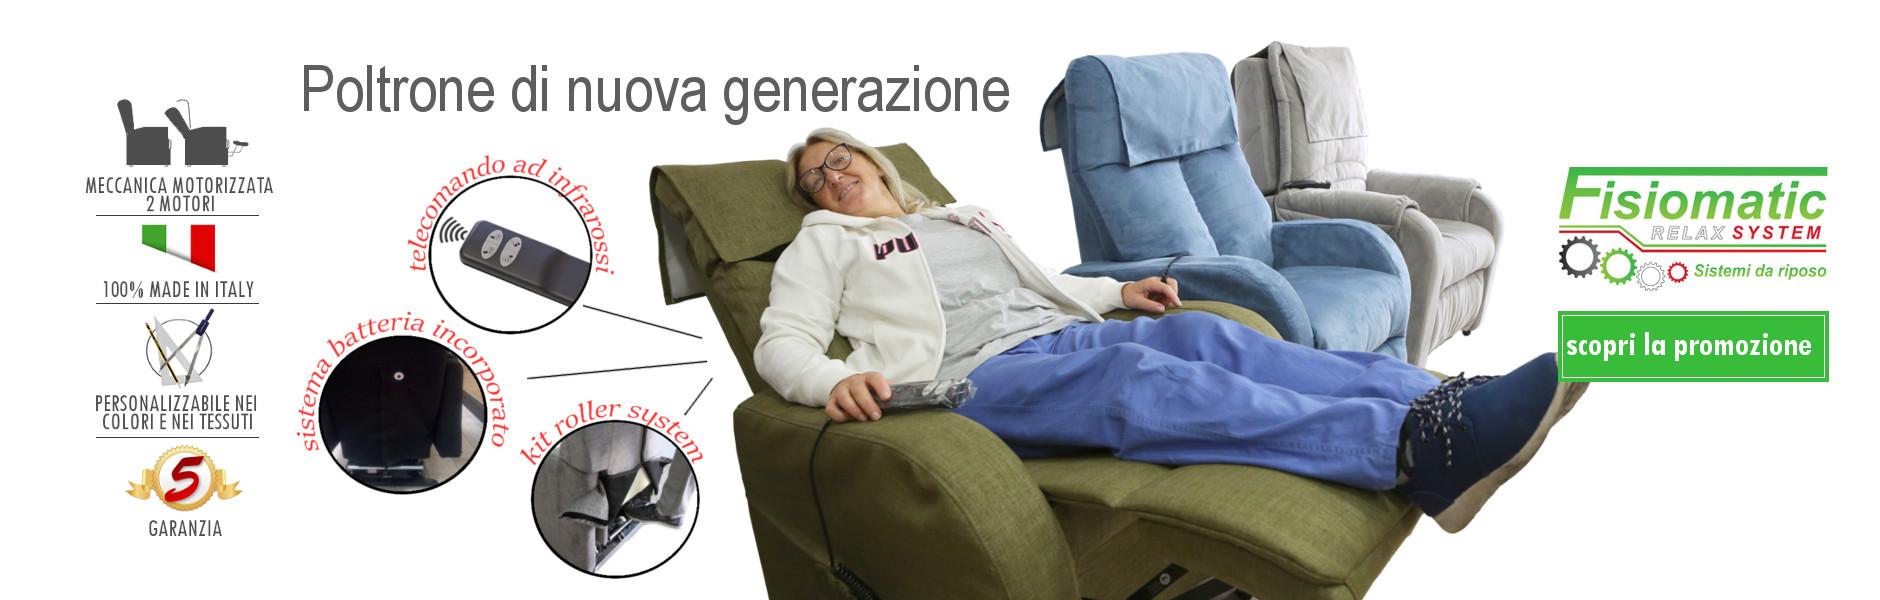 slide-poltrone-di-nuova-generazione-fisiomatic-relax-system